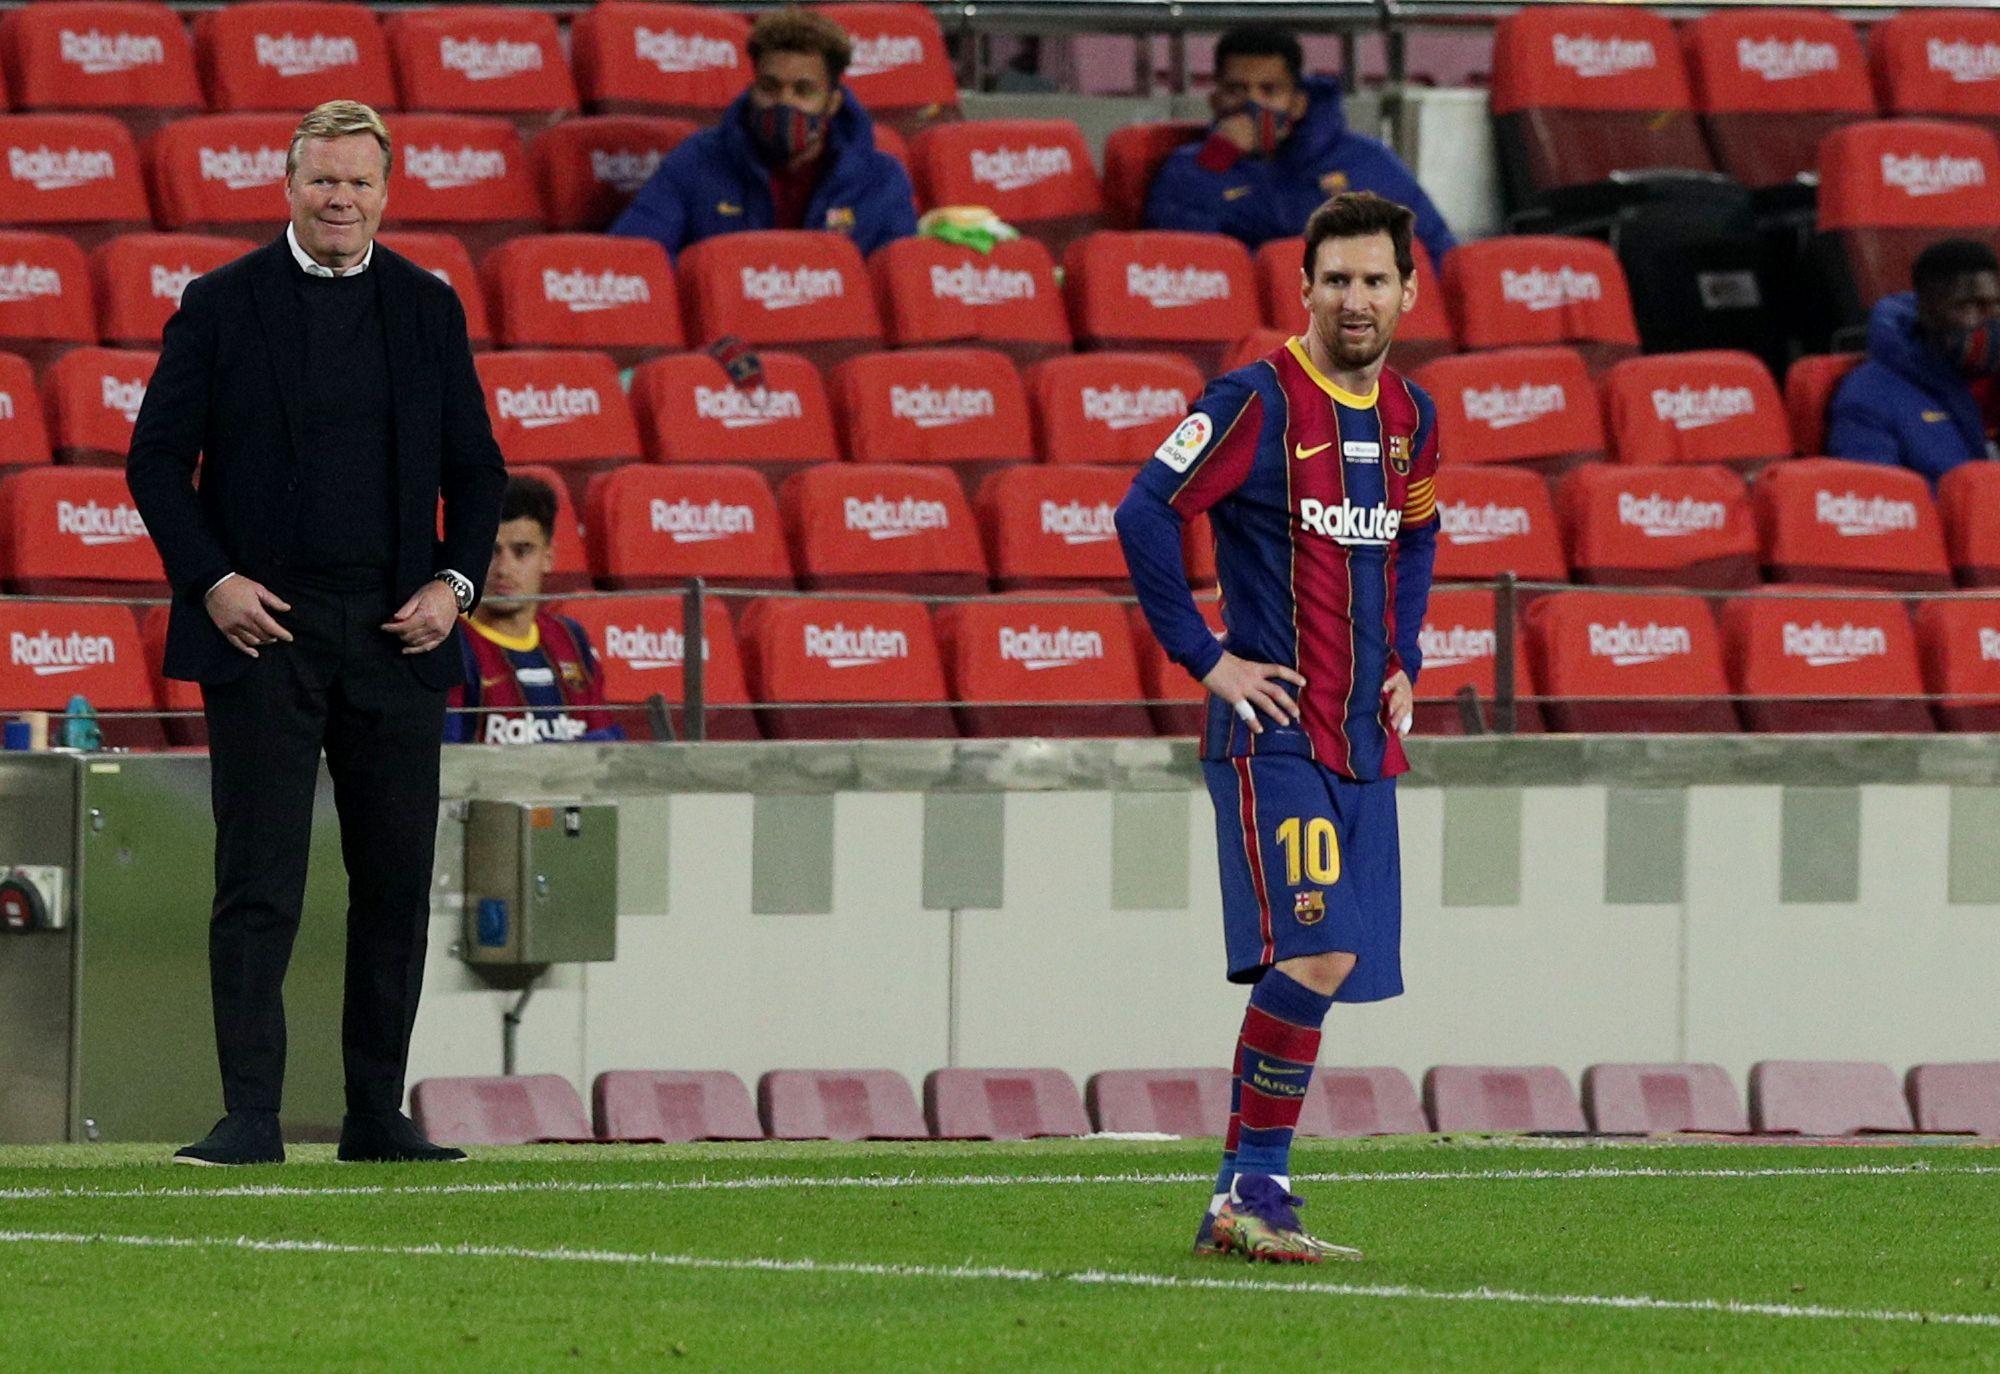 El Barcelona transita por un camino irregular en la temporada - REUTERS/